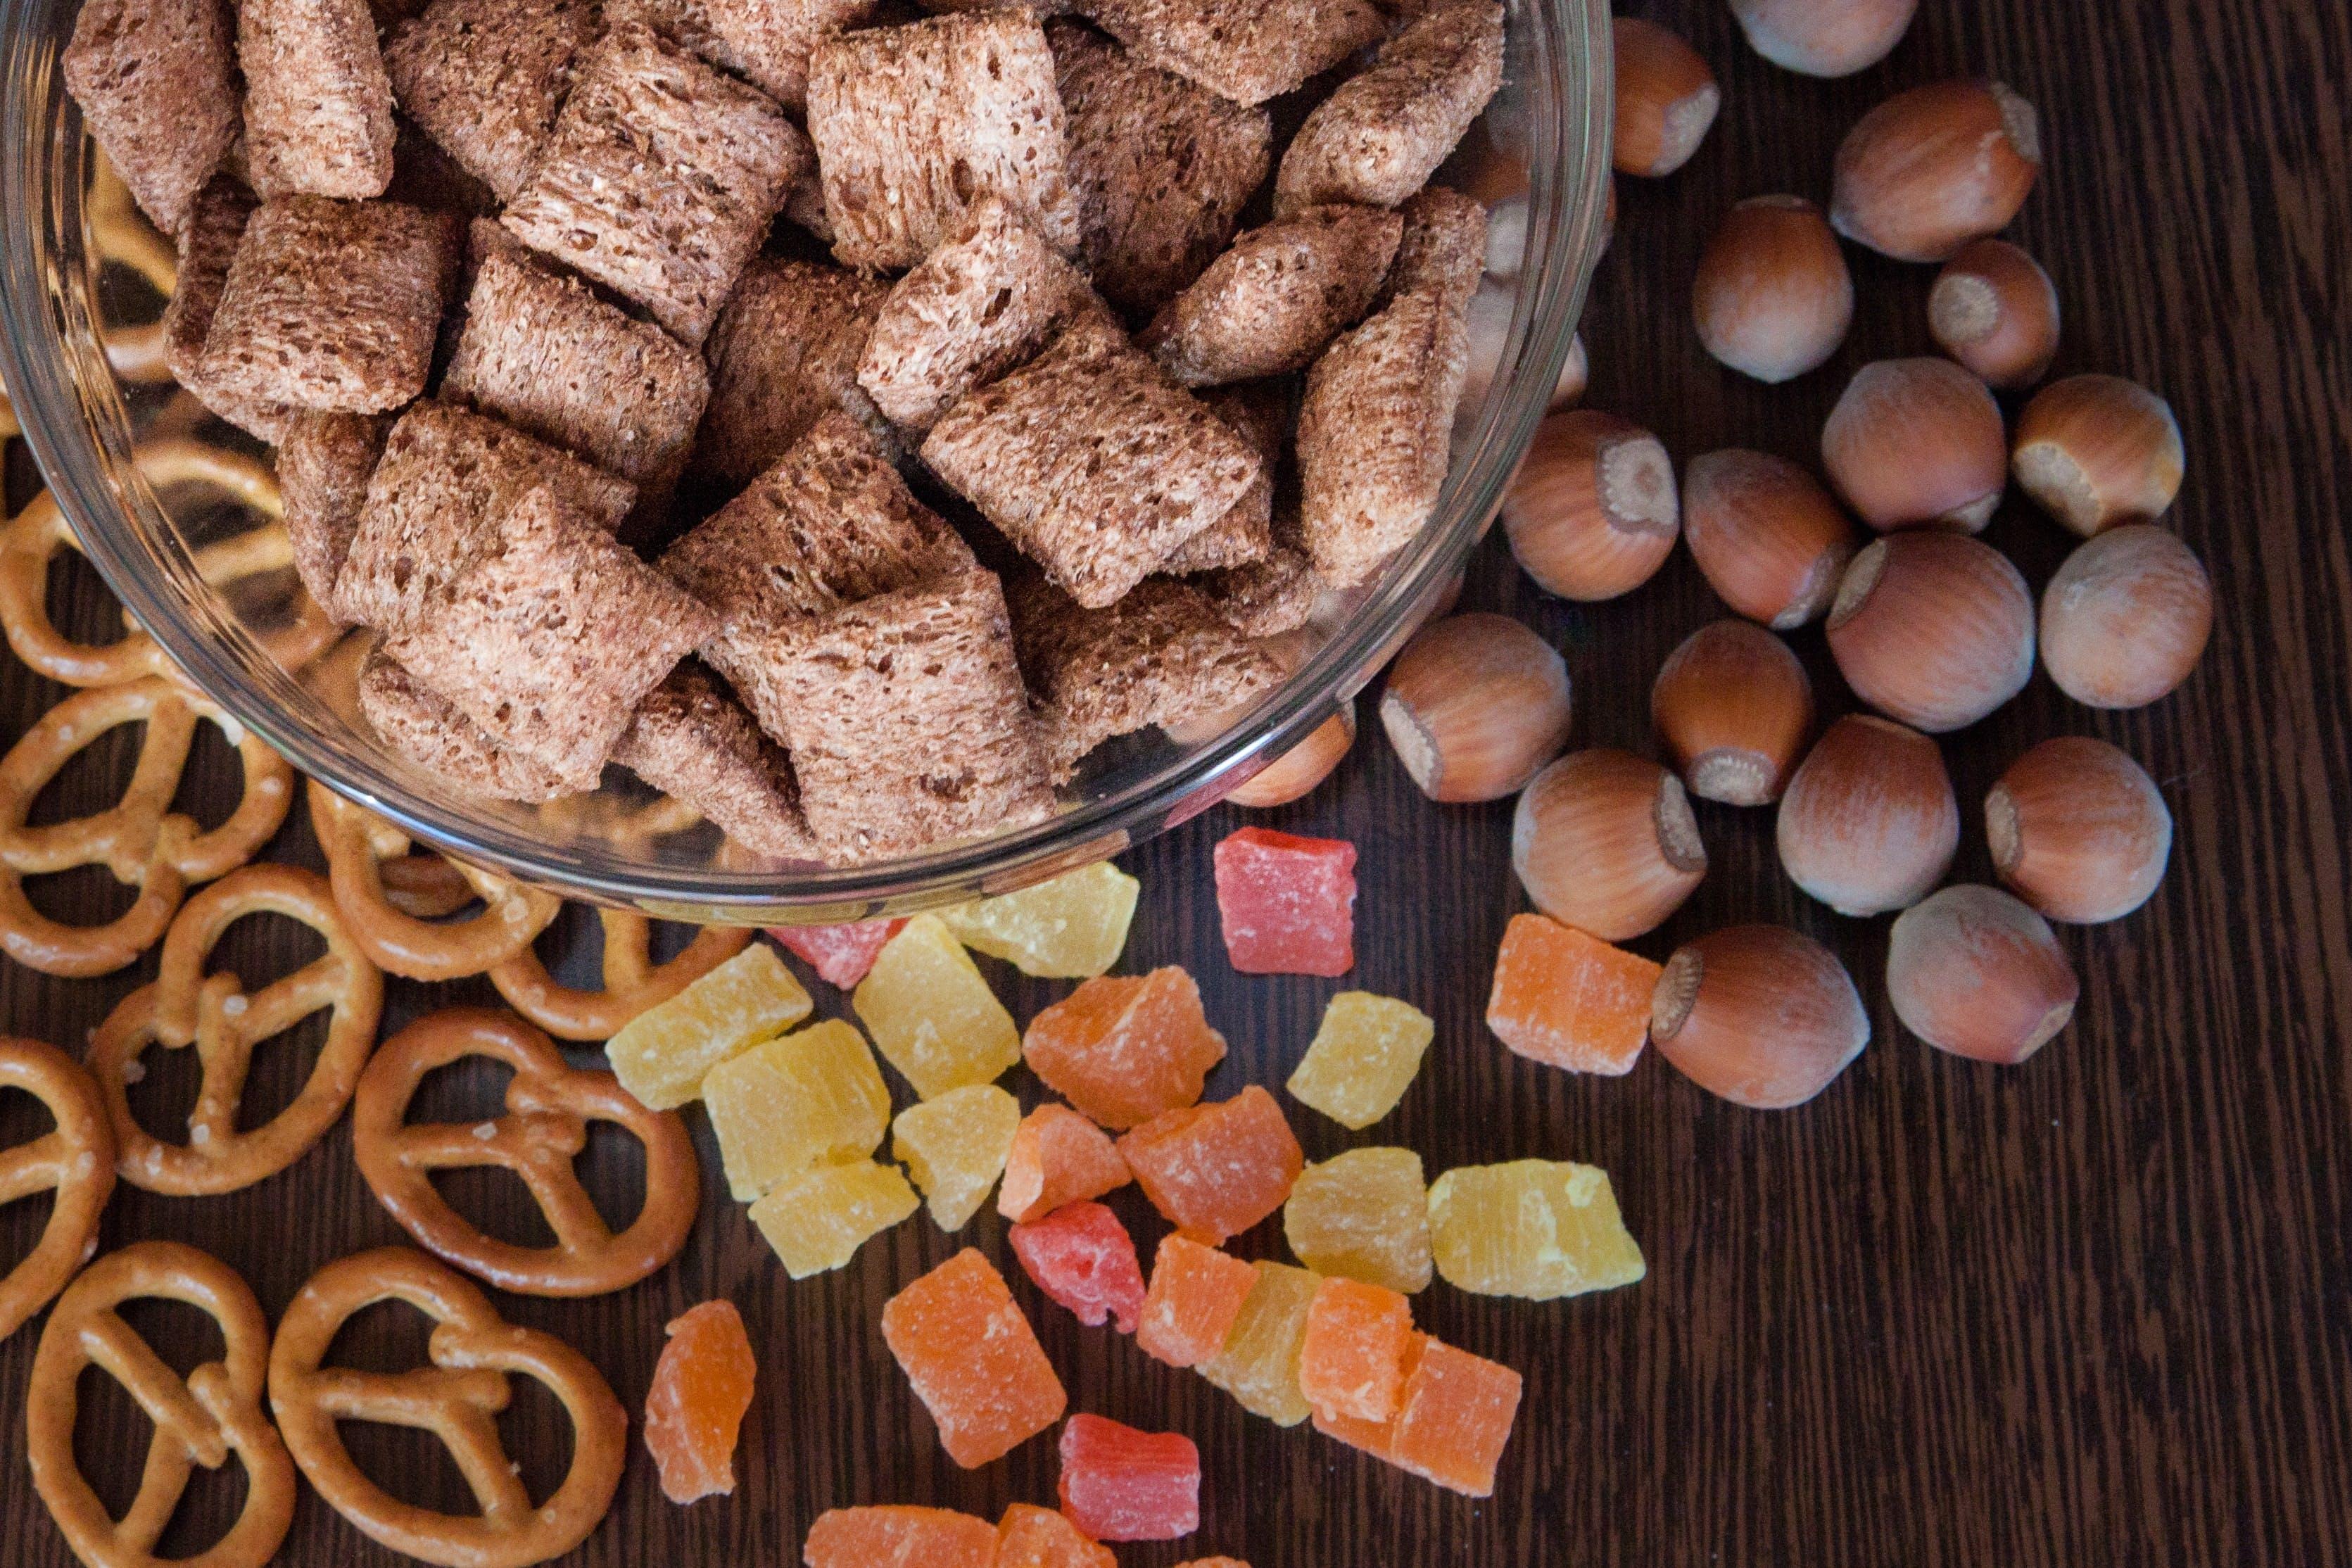 des aliments à indice glycémique different et potentiellement ultra-transformés